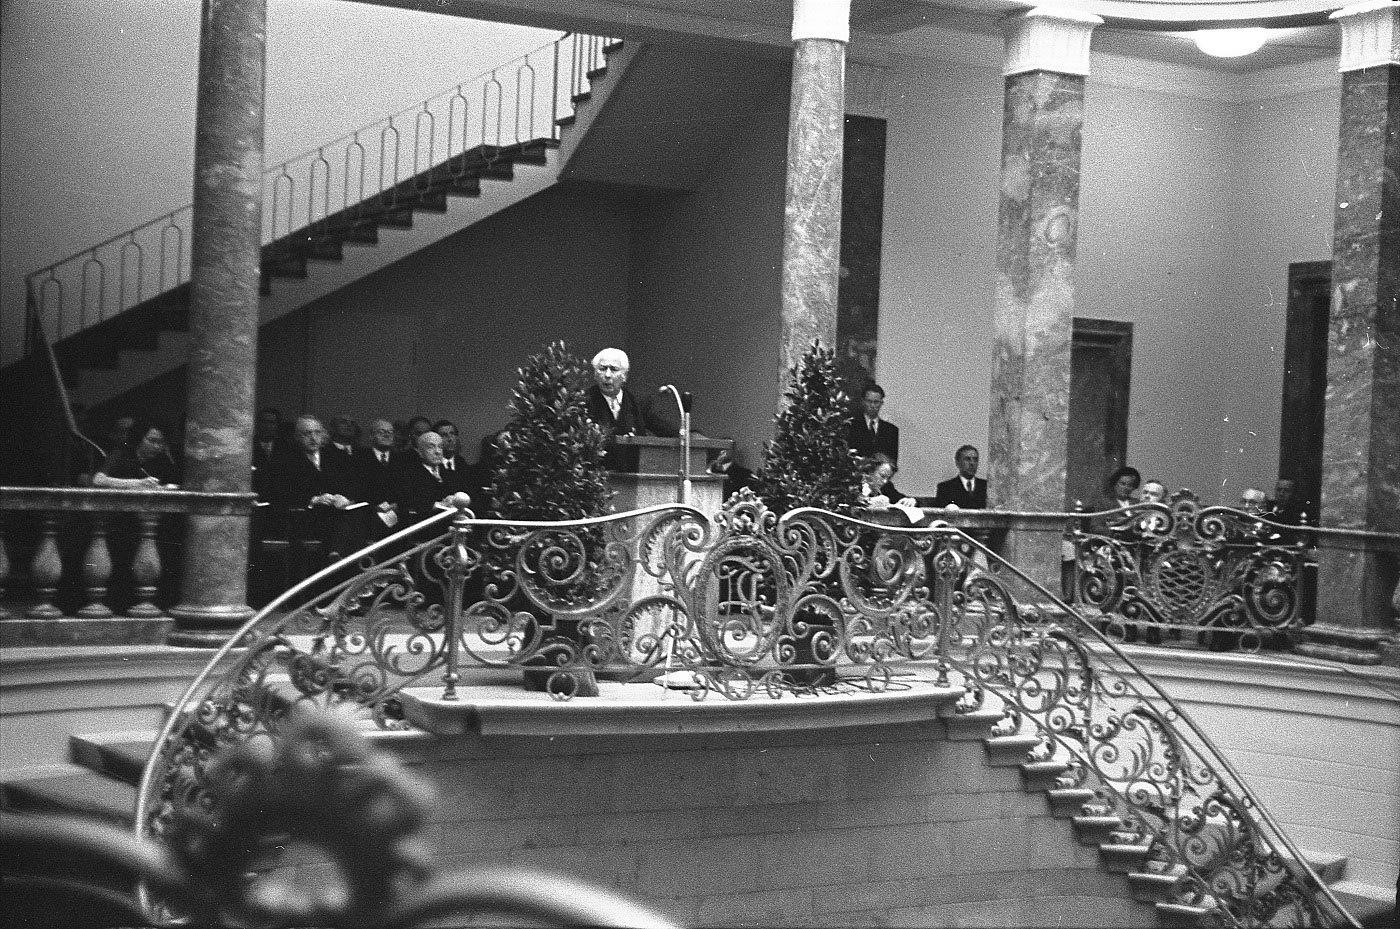 Eröffnung des Bundesgerichsthofs, 1950